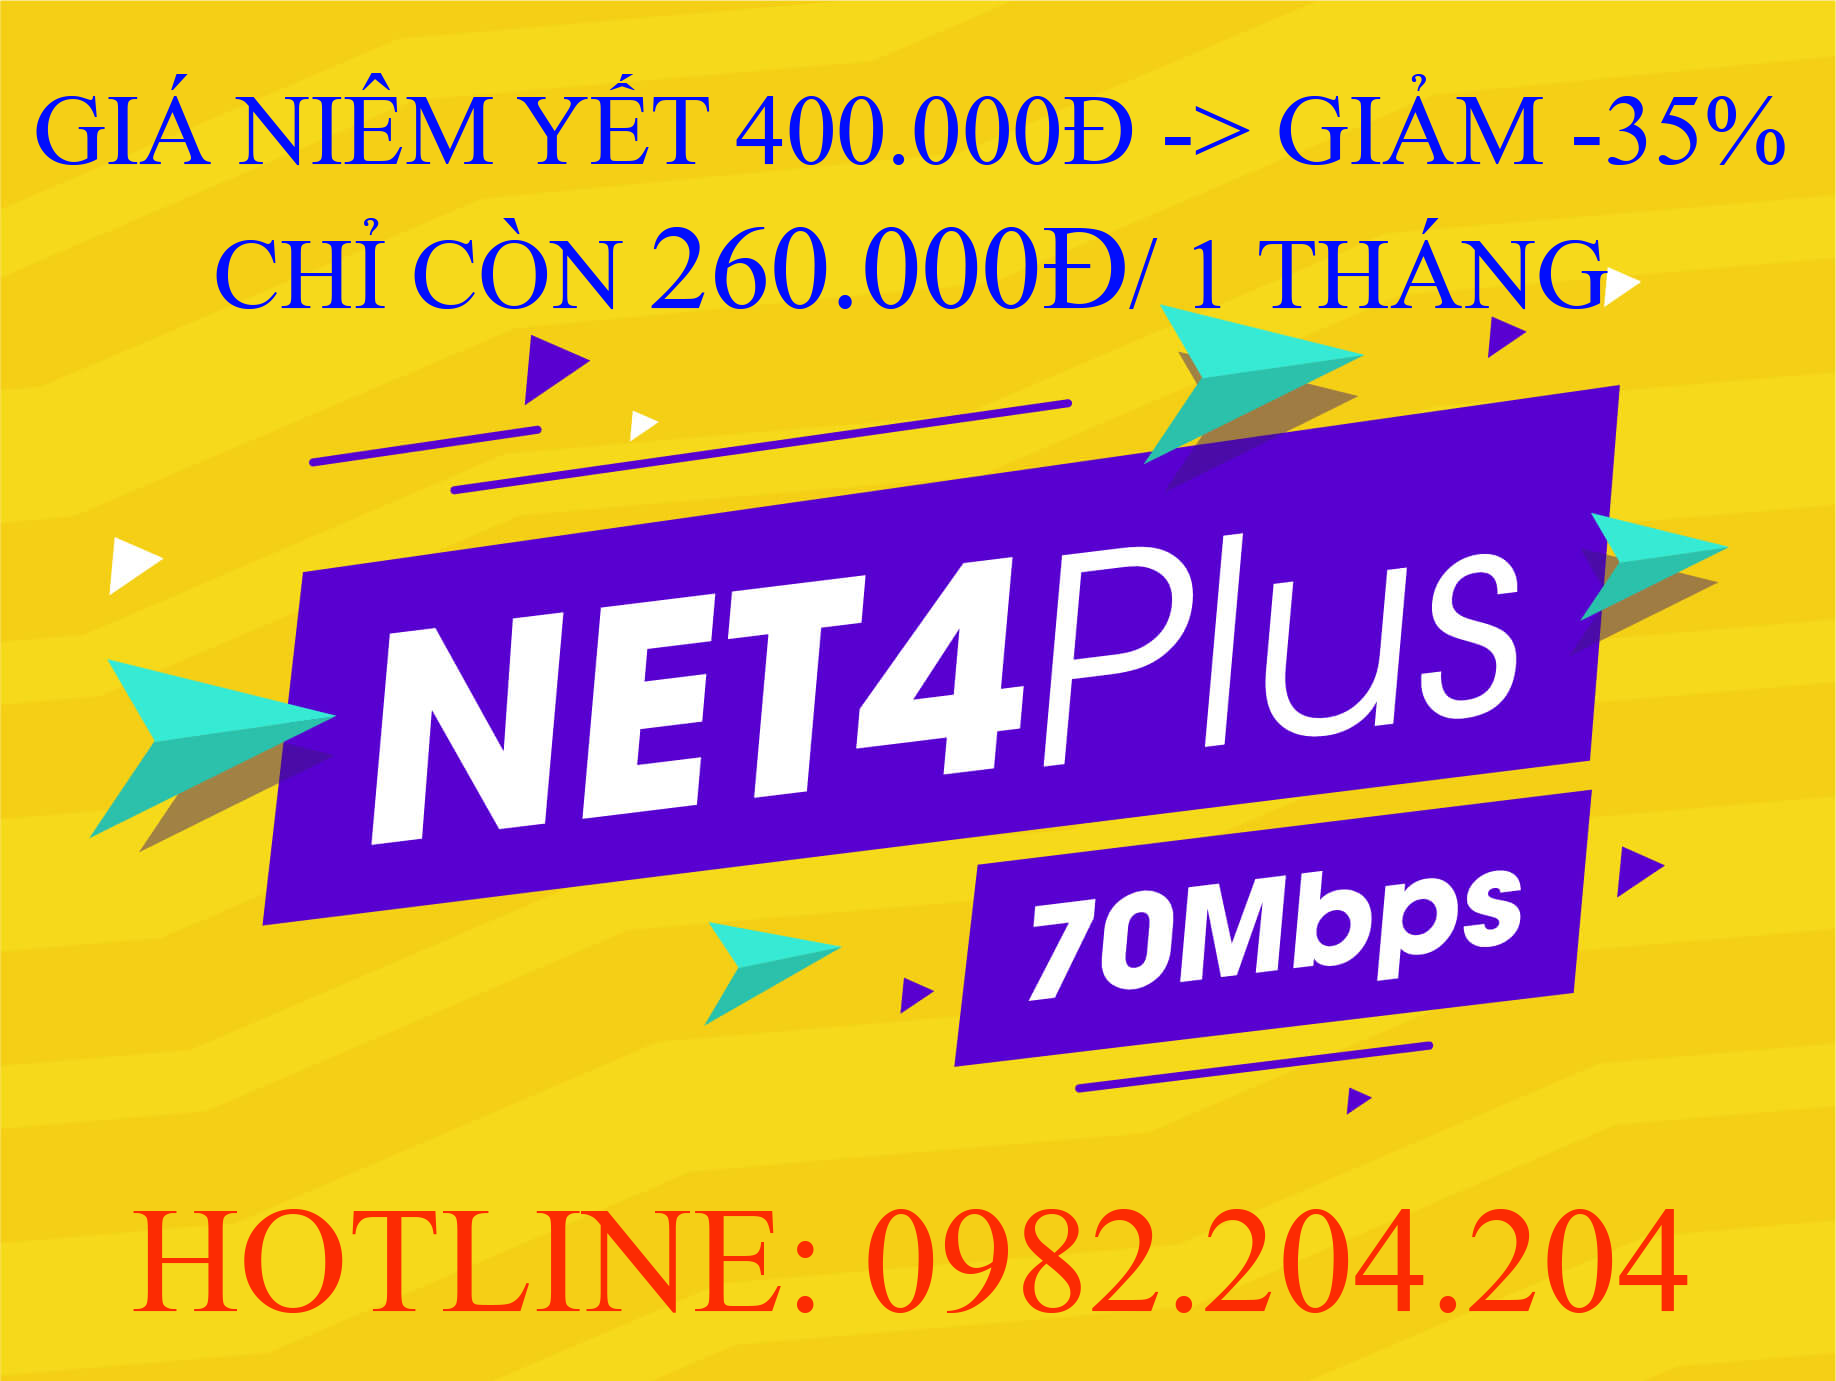 Đăng Ký Cáp Quang Wifi Net 4 plus